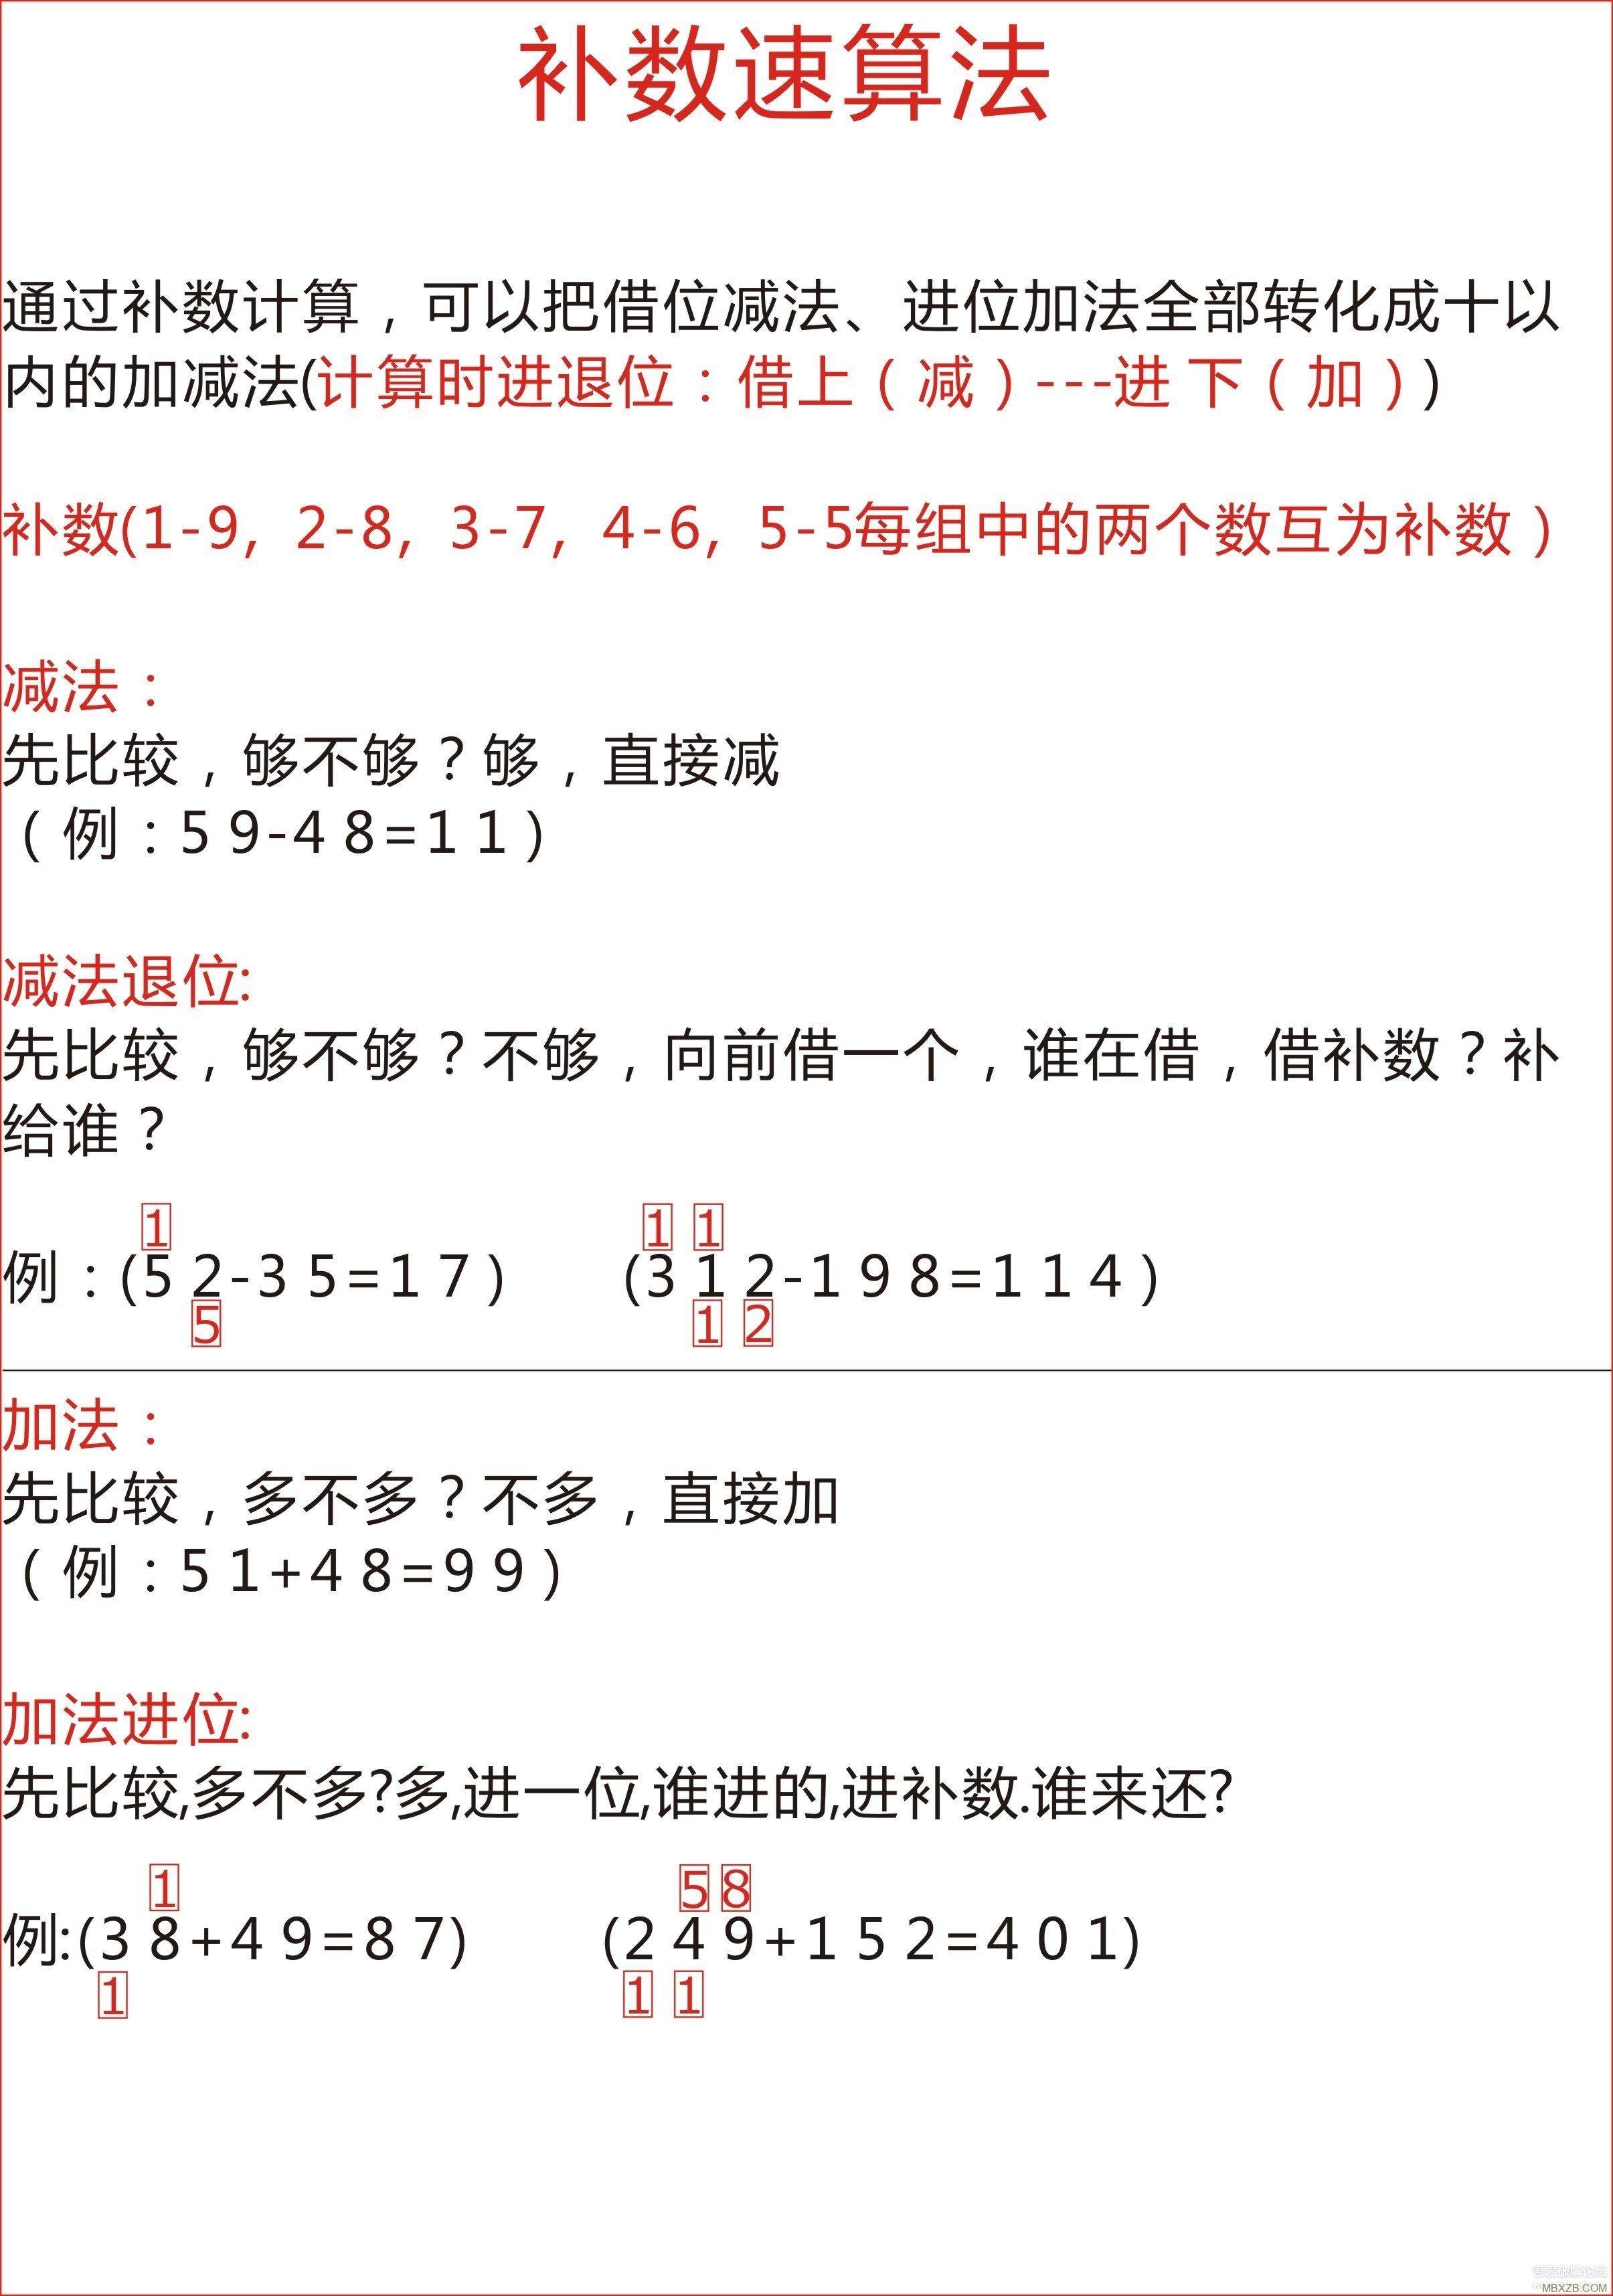 小学1-3年级加减速算到心算练习方法(熟练后9位数加减都是小儿科)